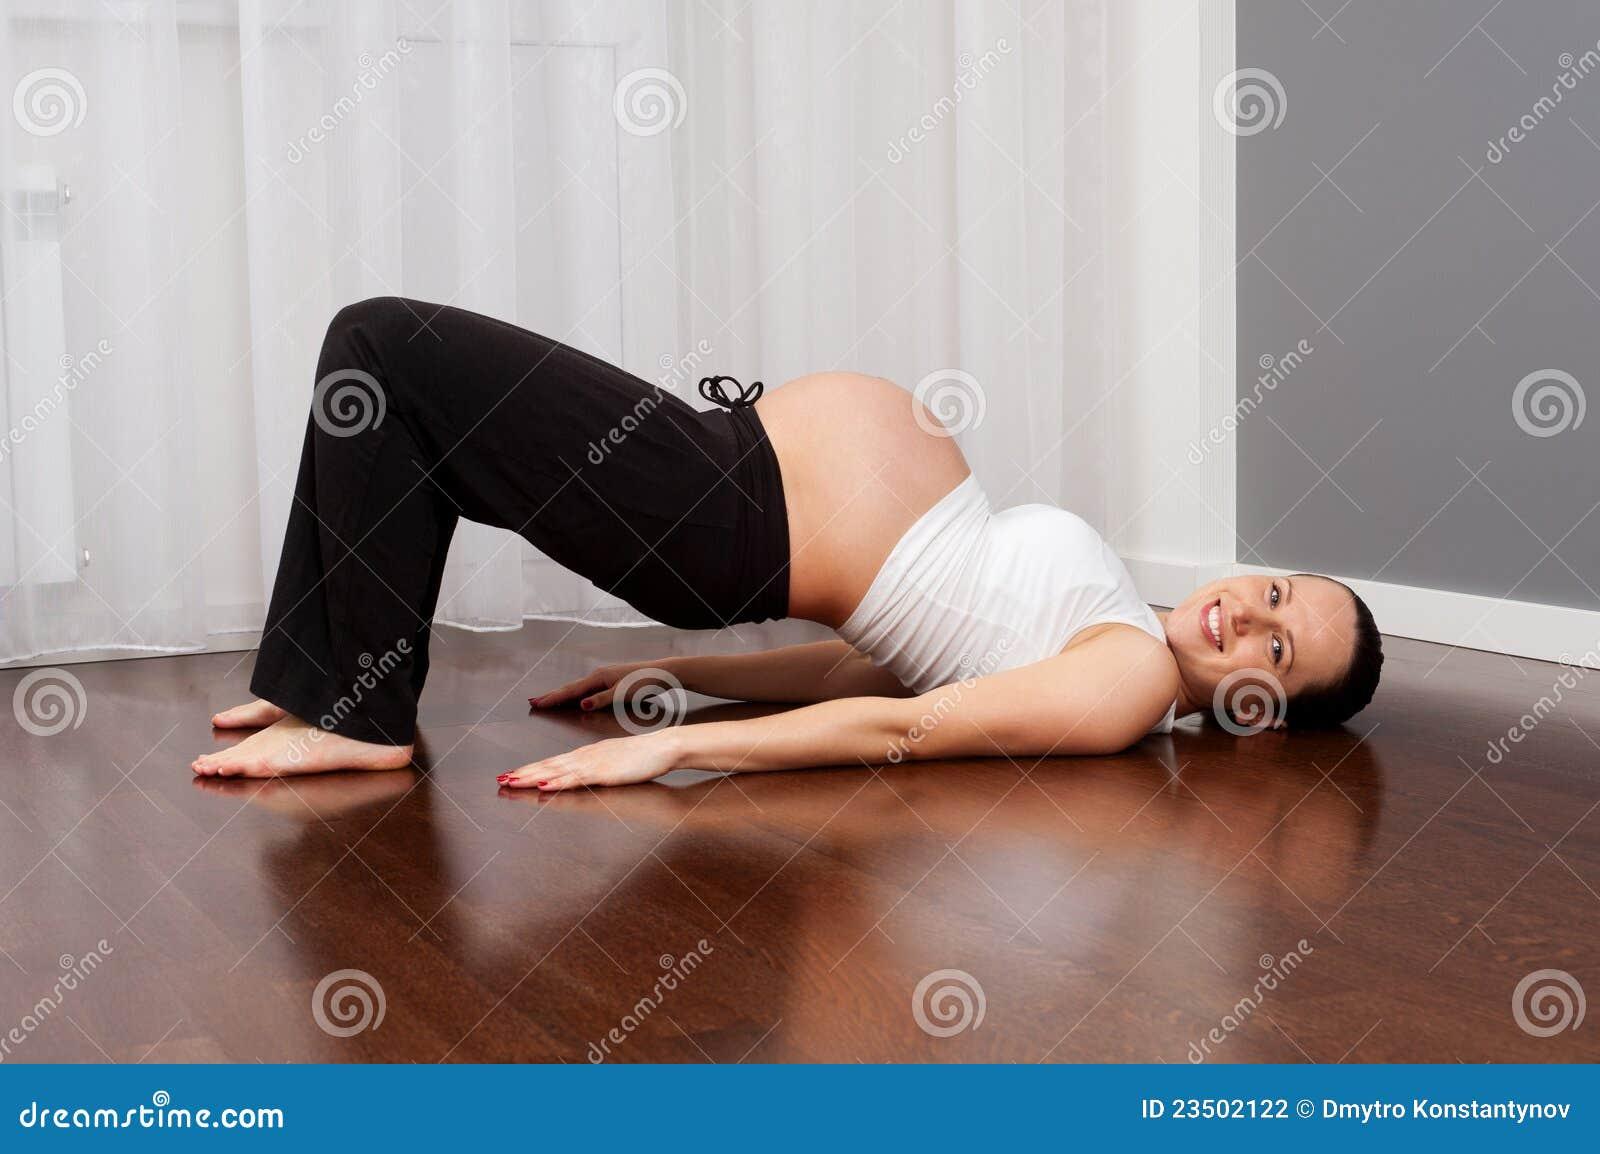 Йога для беременных на дому